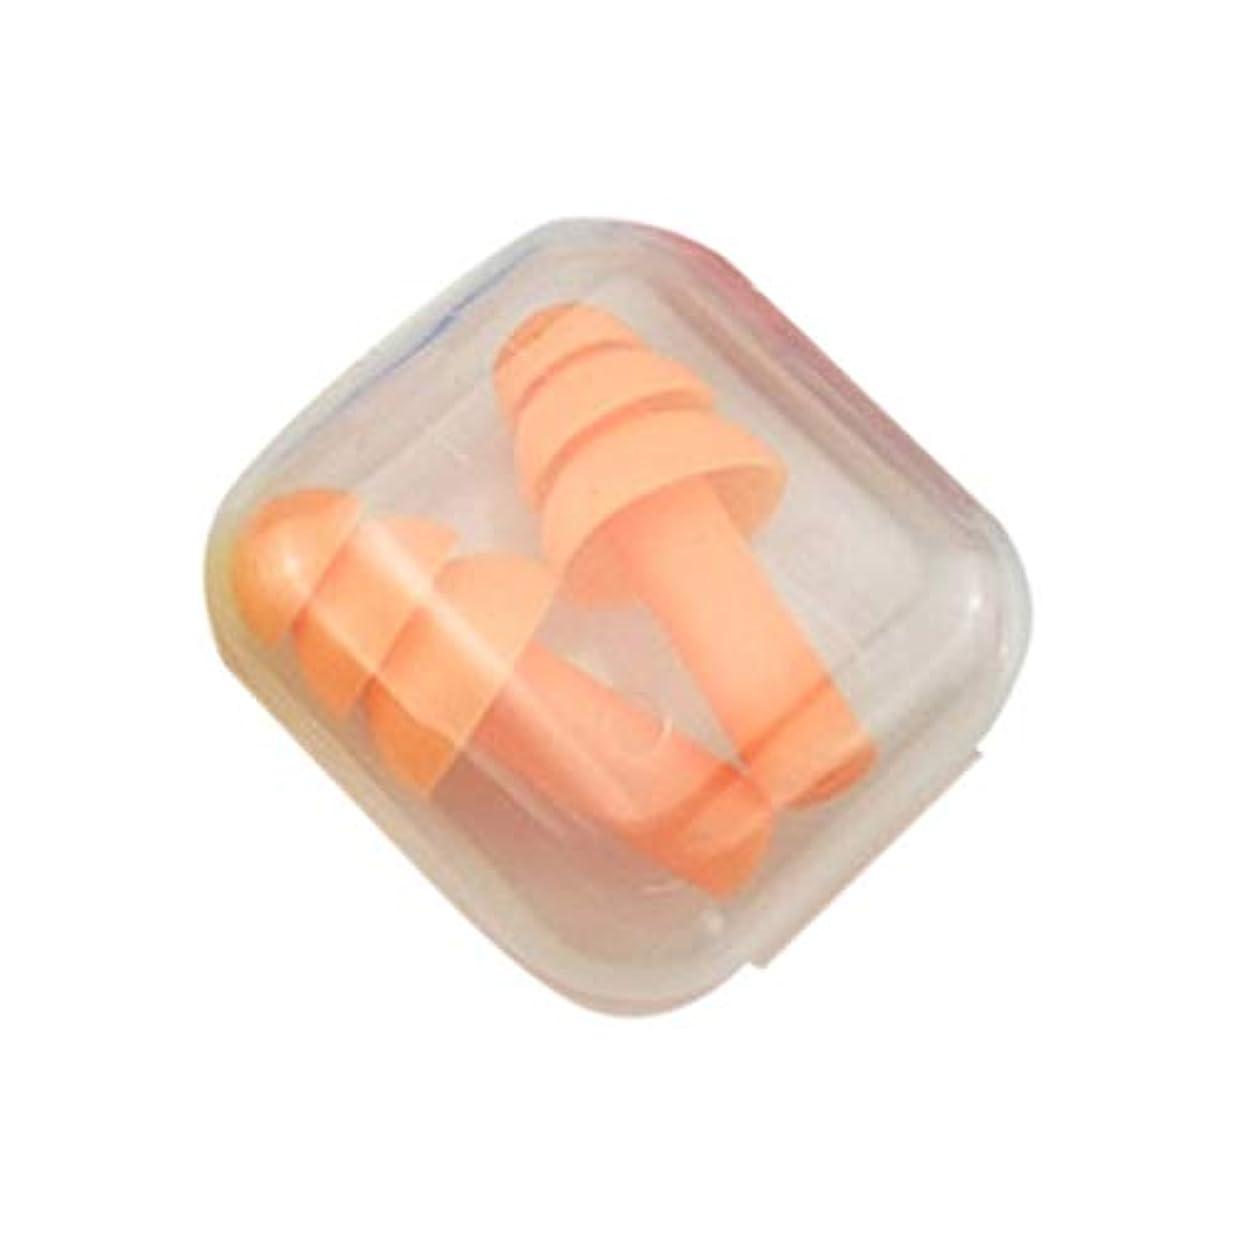 私の量憂鬱柔らかいシリコーンの耳栓遮音用耳の保護用の耳栓防音睡眠ボックス付き収納ボックス - オレンジ